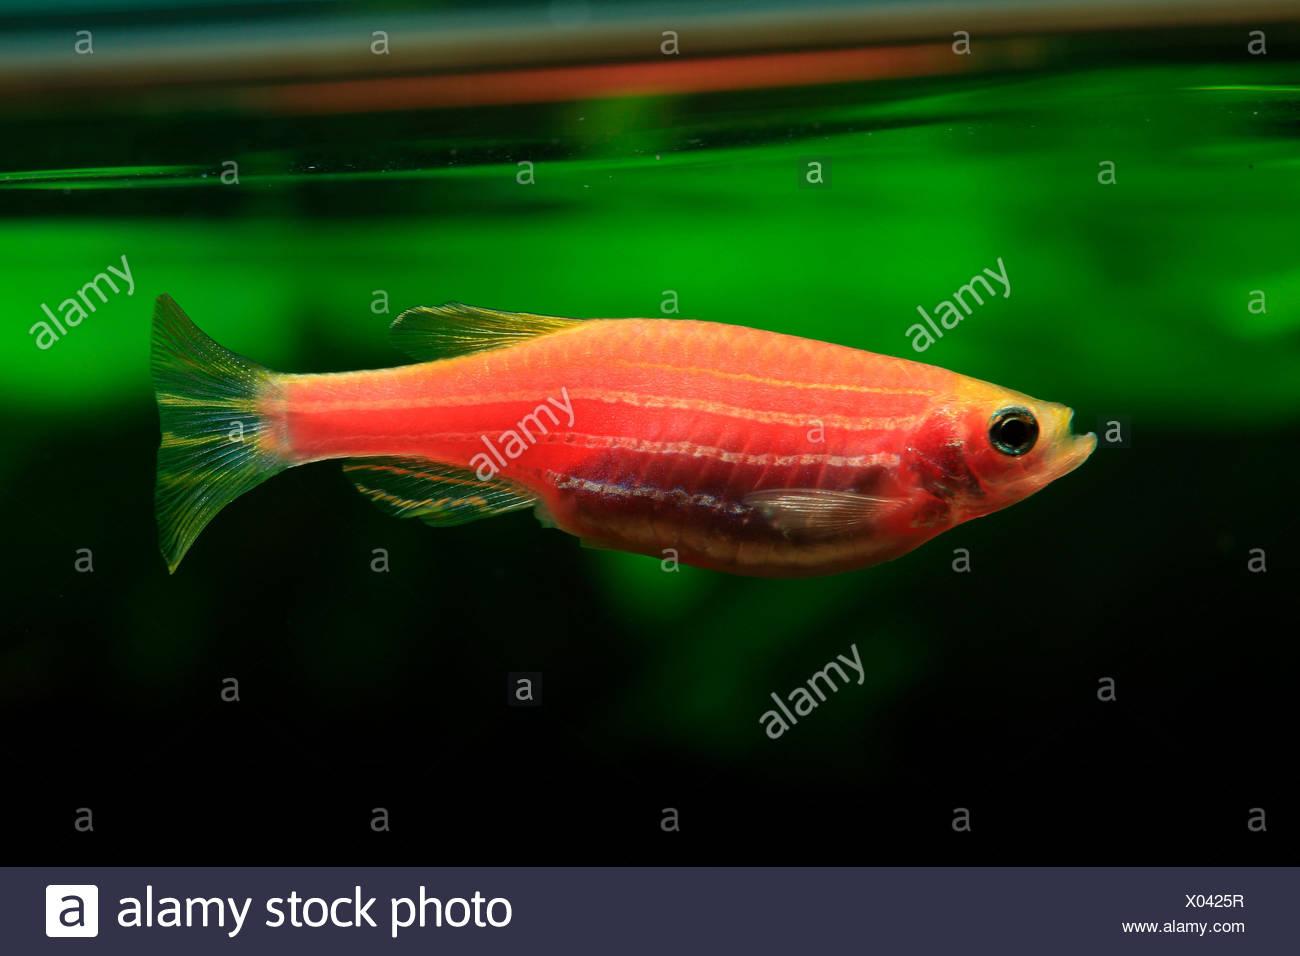 Zebrafish Aquarium Stock Photos & Zebrafish Aquarium Stock Images ...